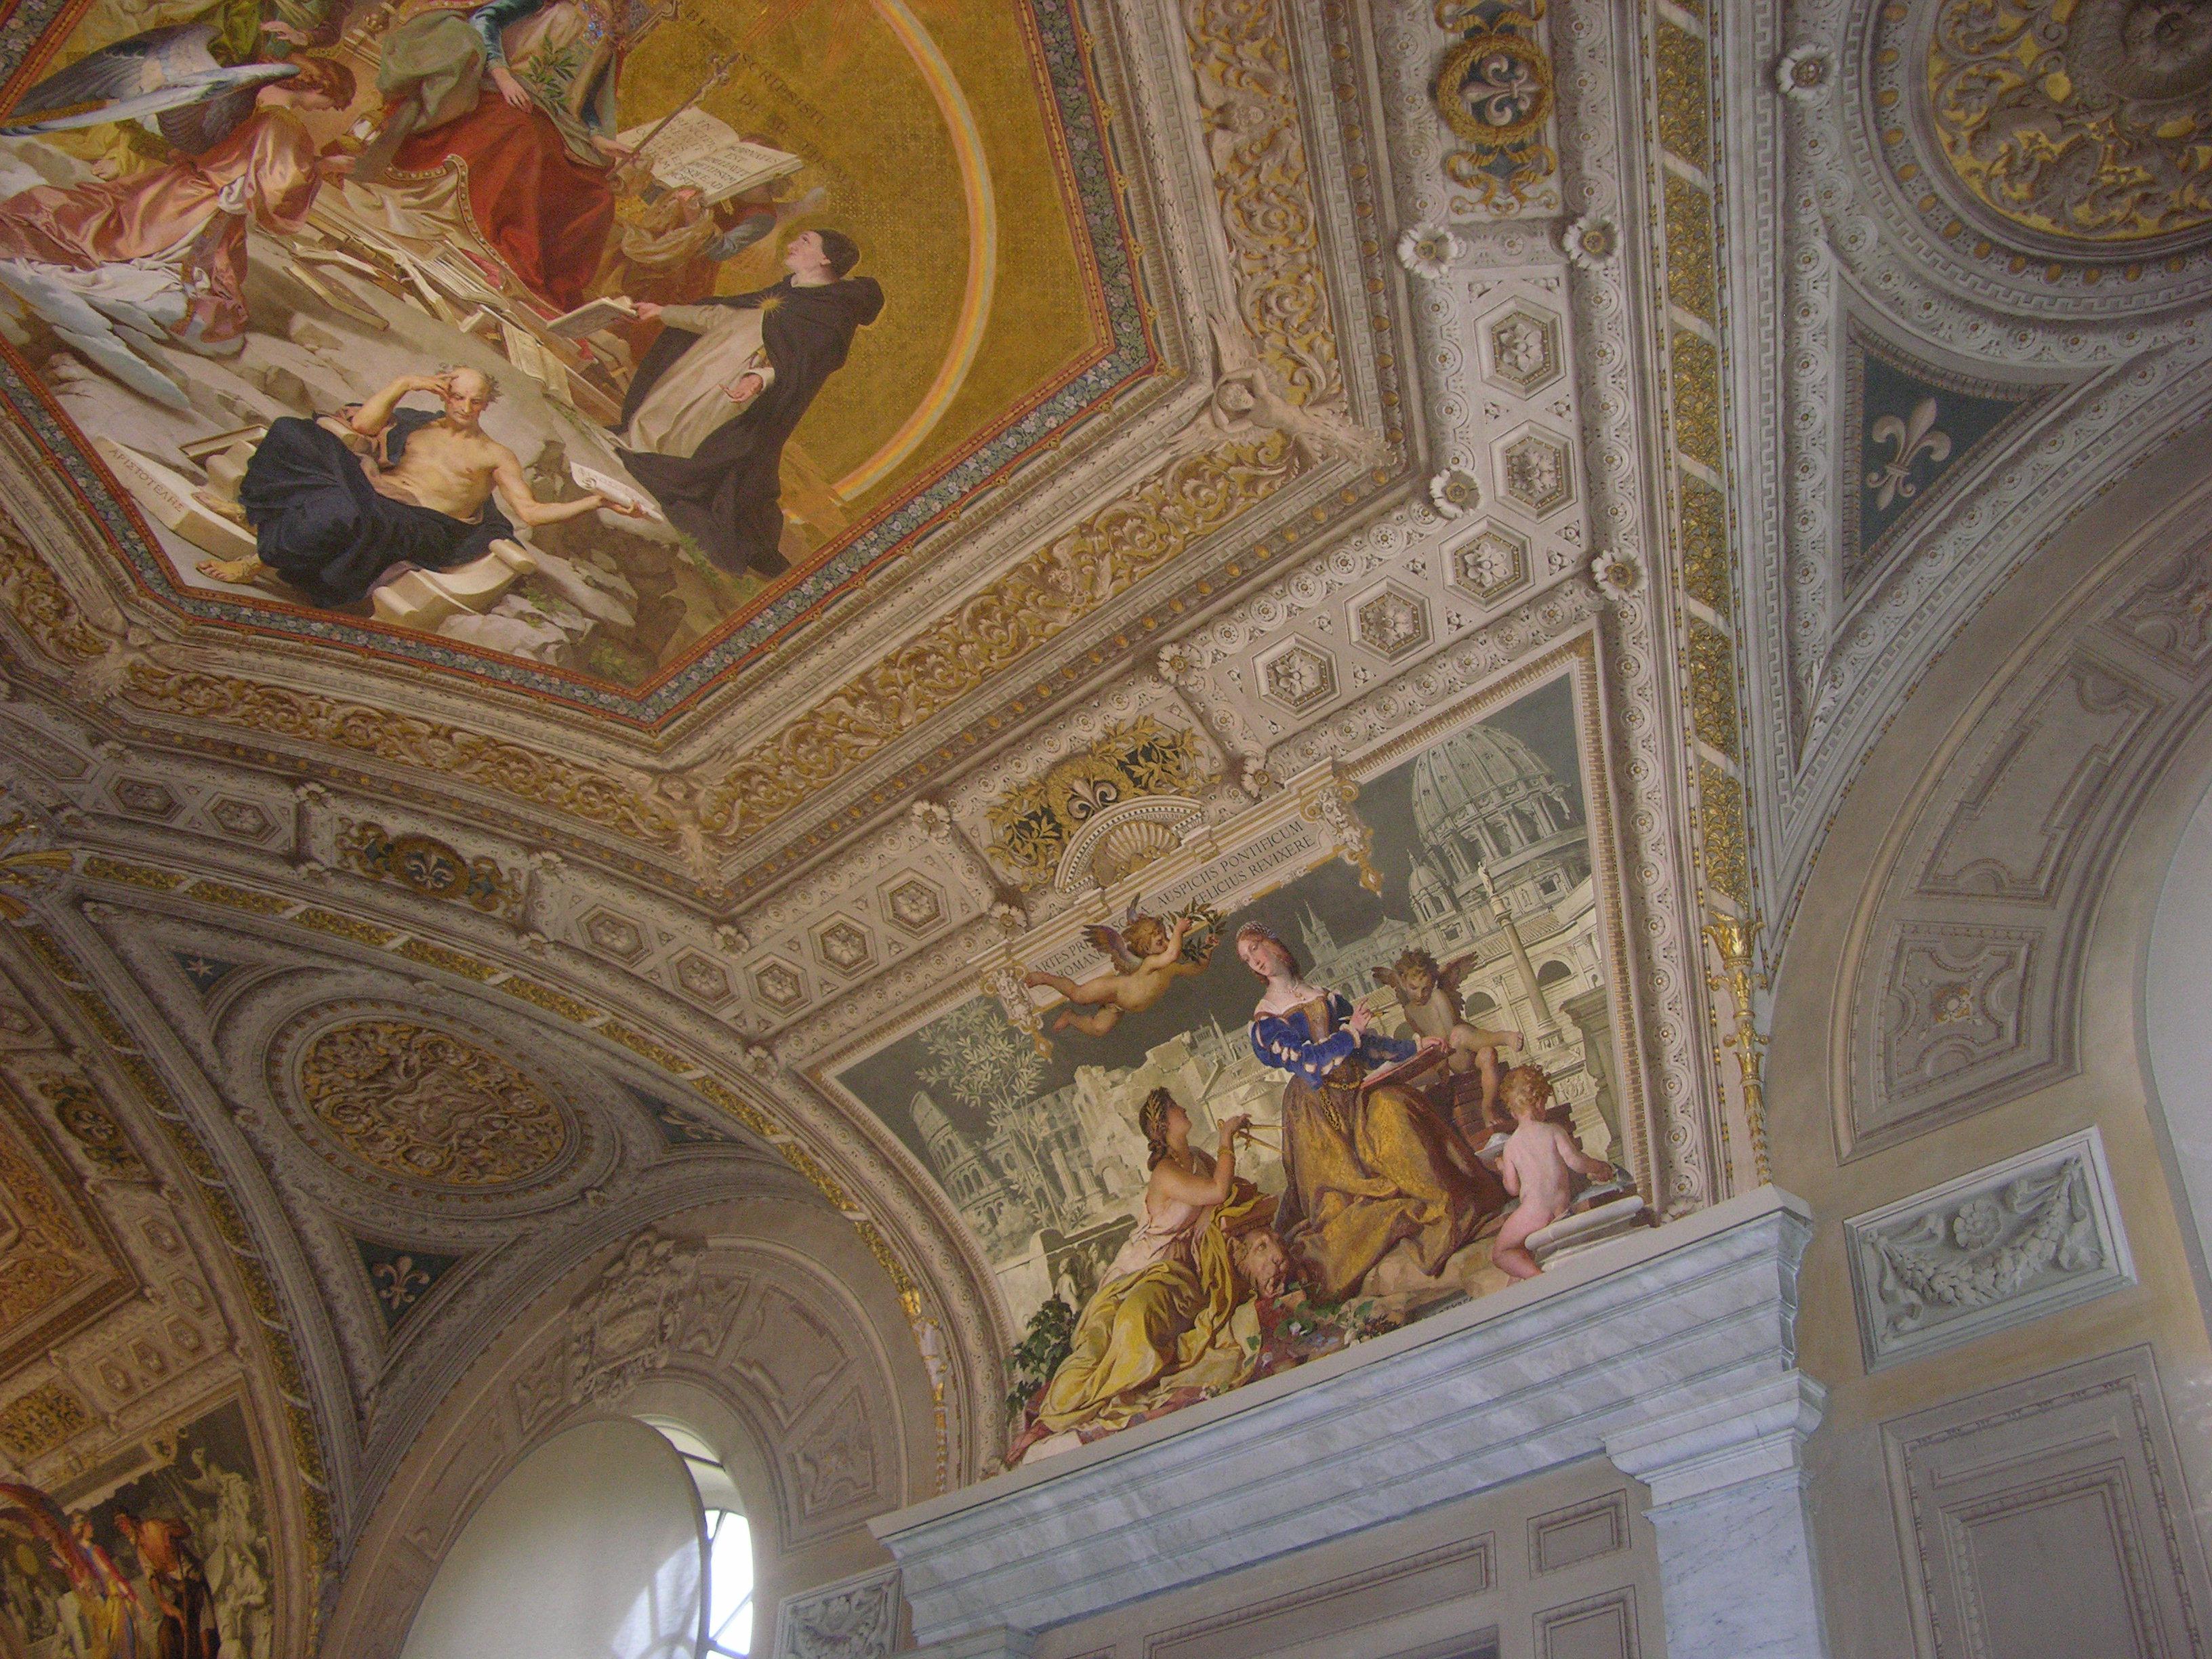 Séjour passé la semaine dernière a ROME 160523092644330624